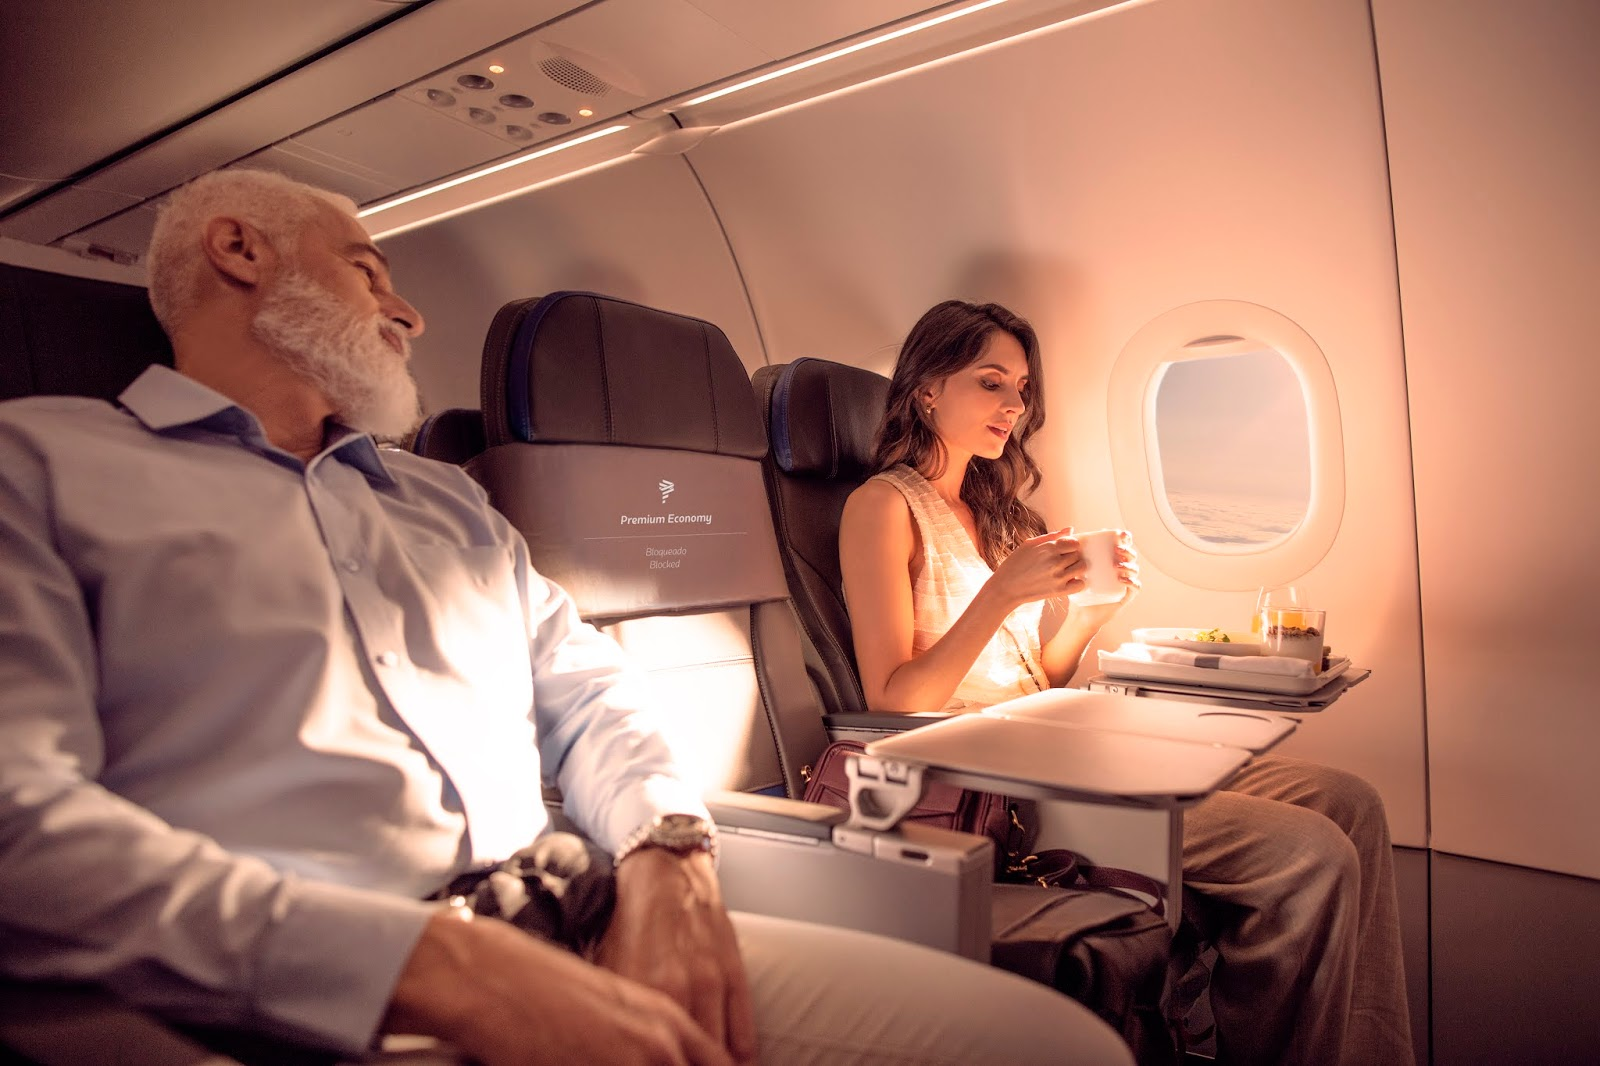 LATAM lanza nueva clase de cabina para vuelos nacionales e internacionales dentro de Latinoamérica